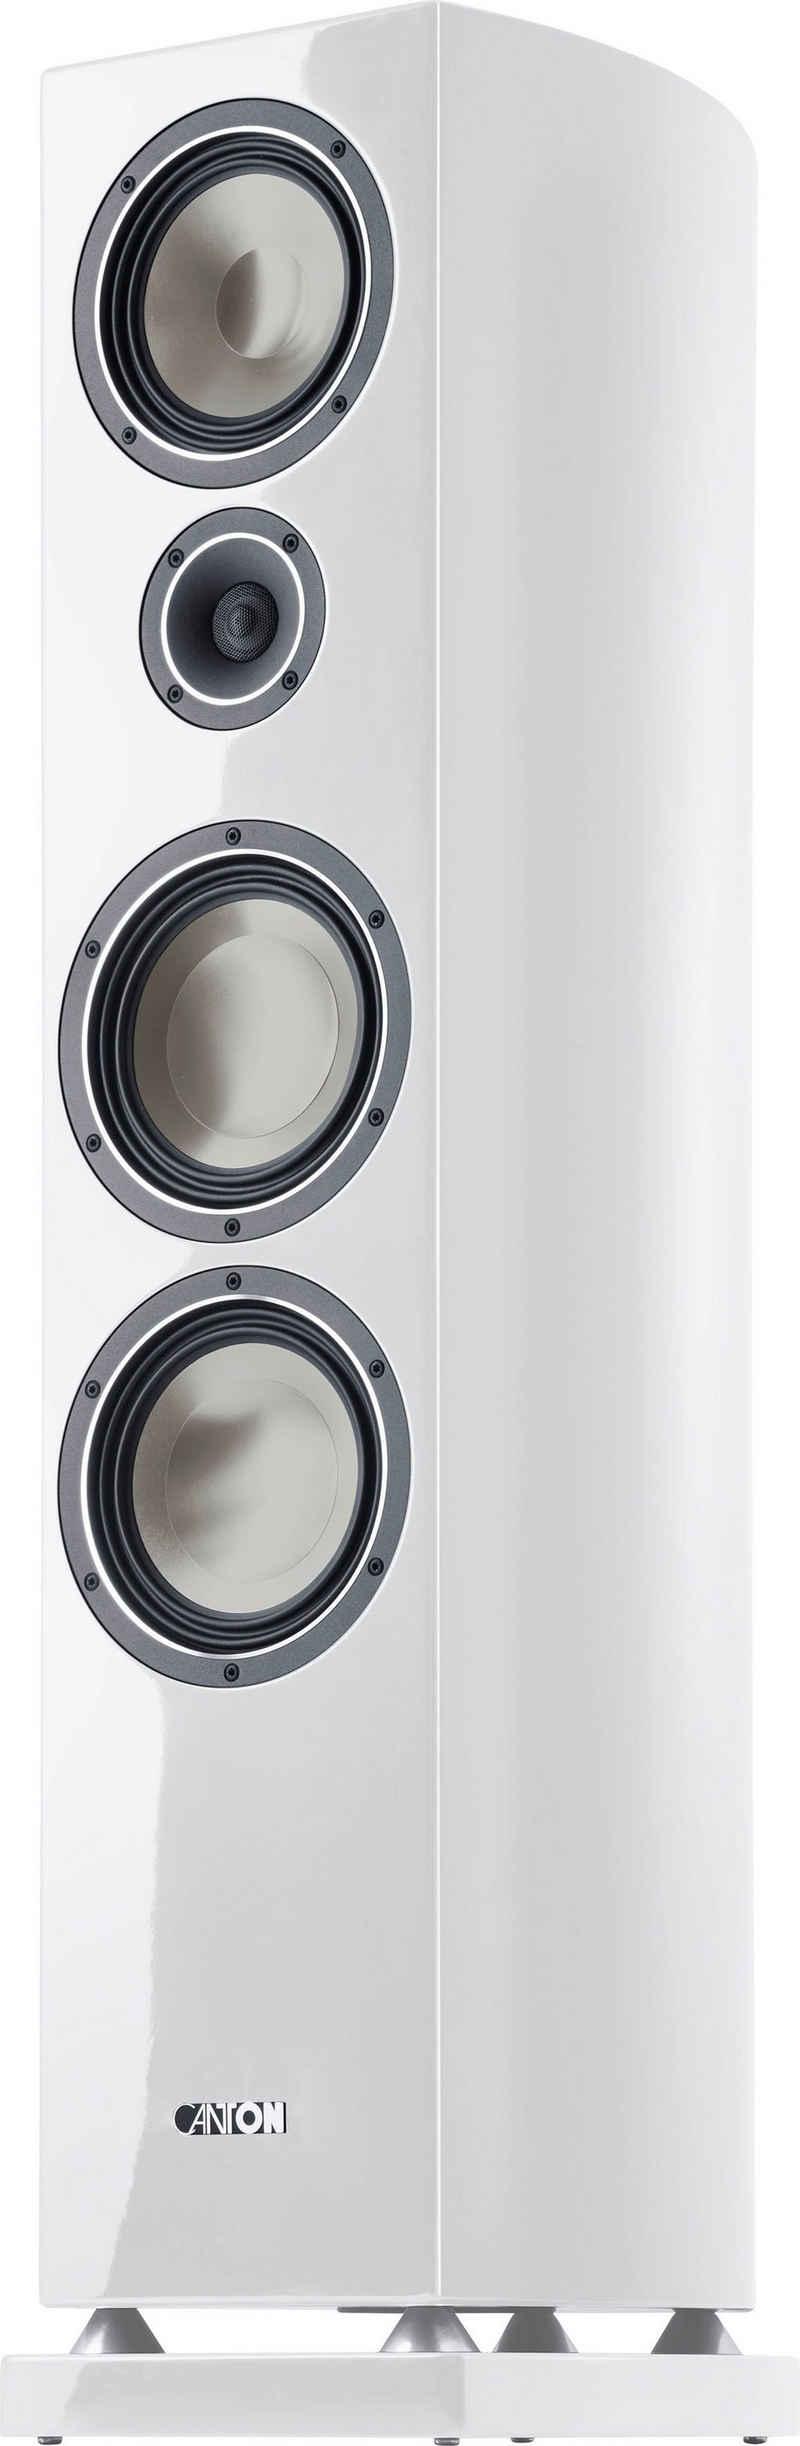 CANTON Vento 896 DC ein Stand-Lautsprecher (340 W, 1 Stück)